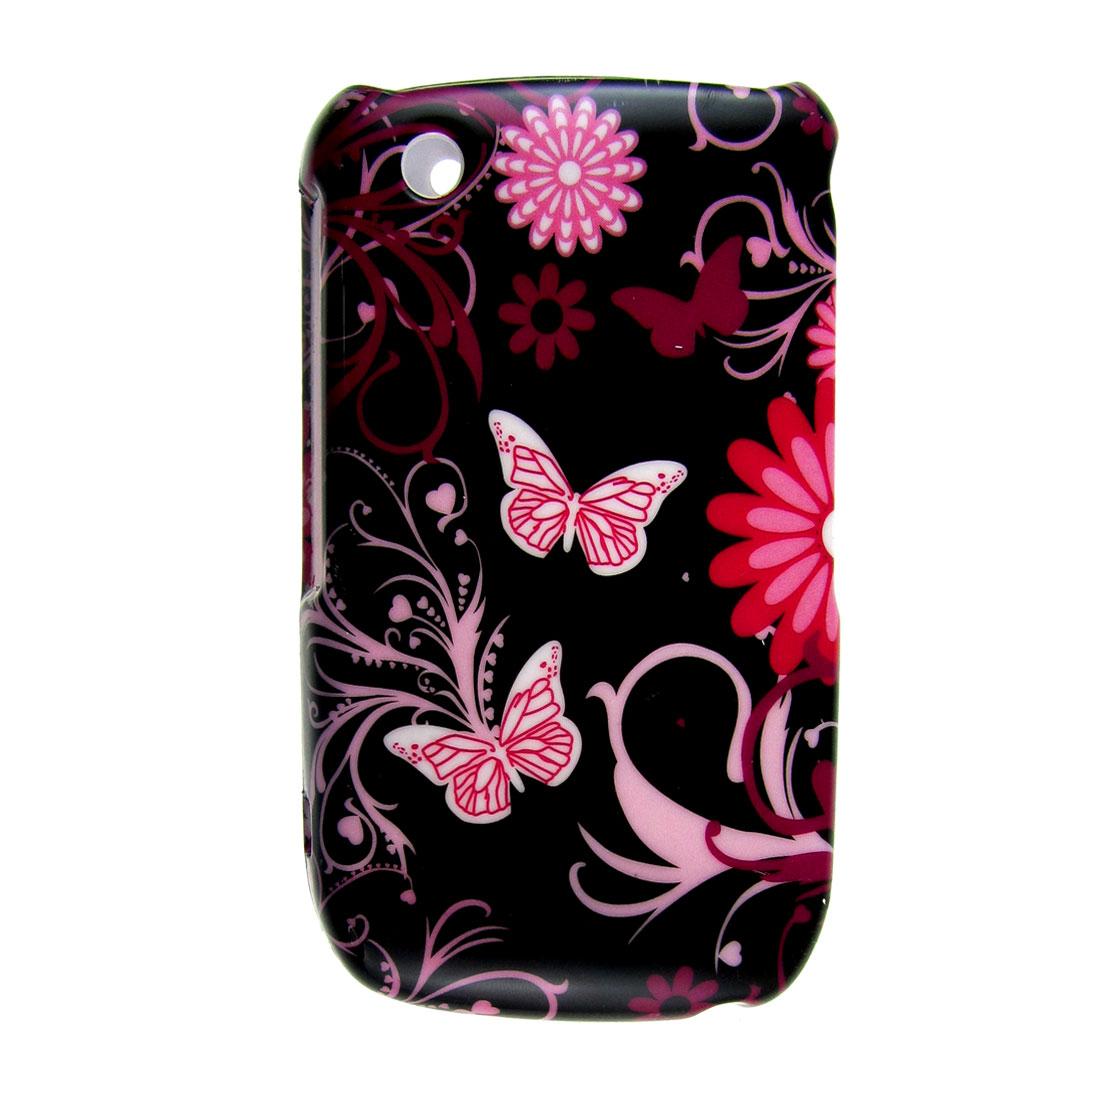 Black Pink Flower Butterfly Print Hard Plastic Case for BlackBerry 8520